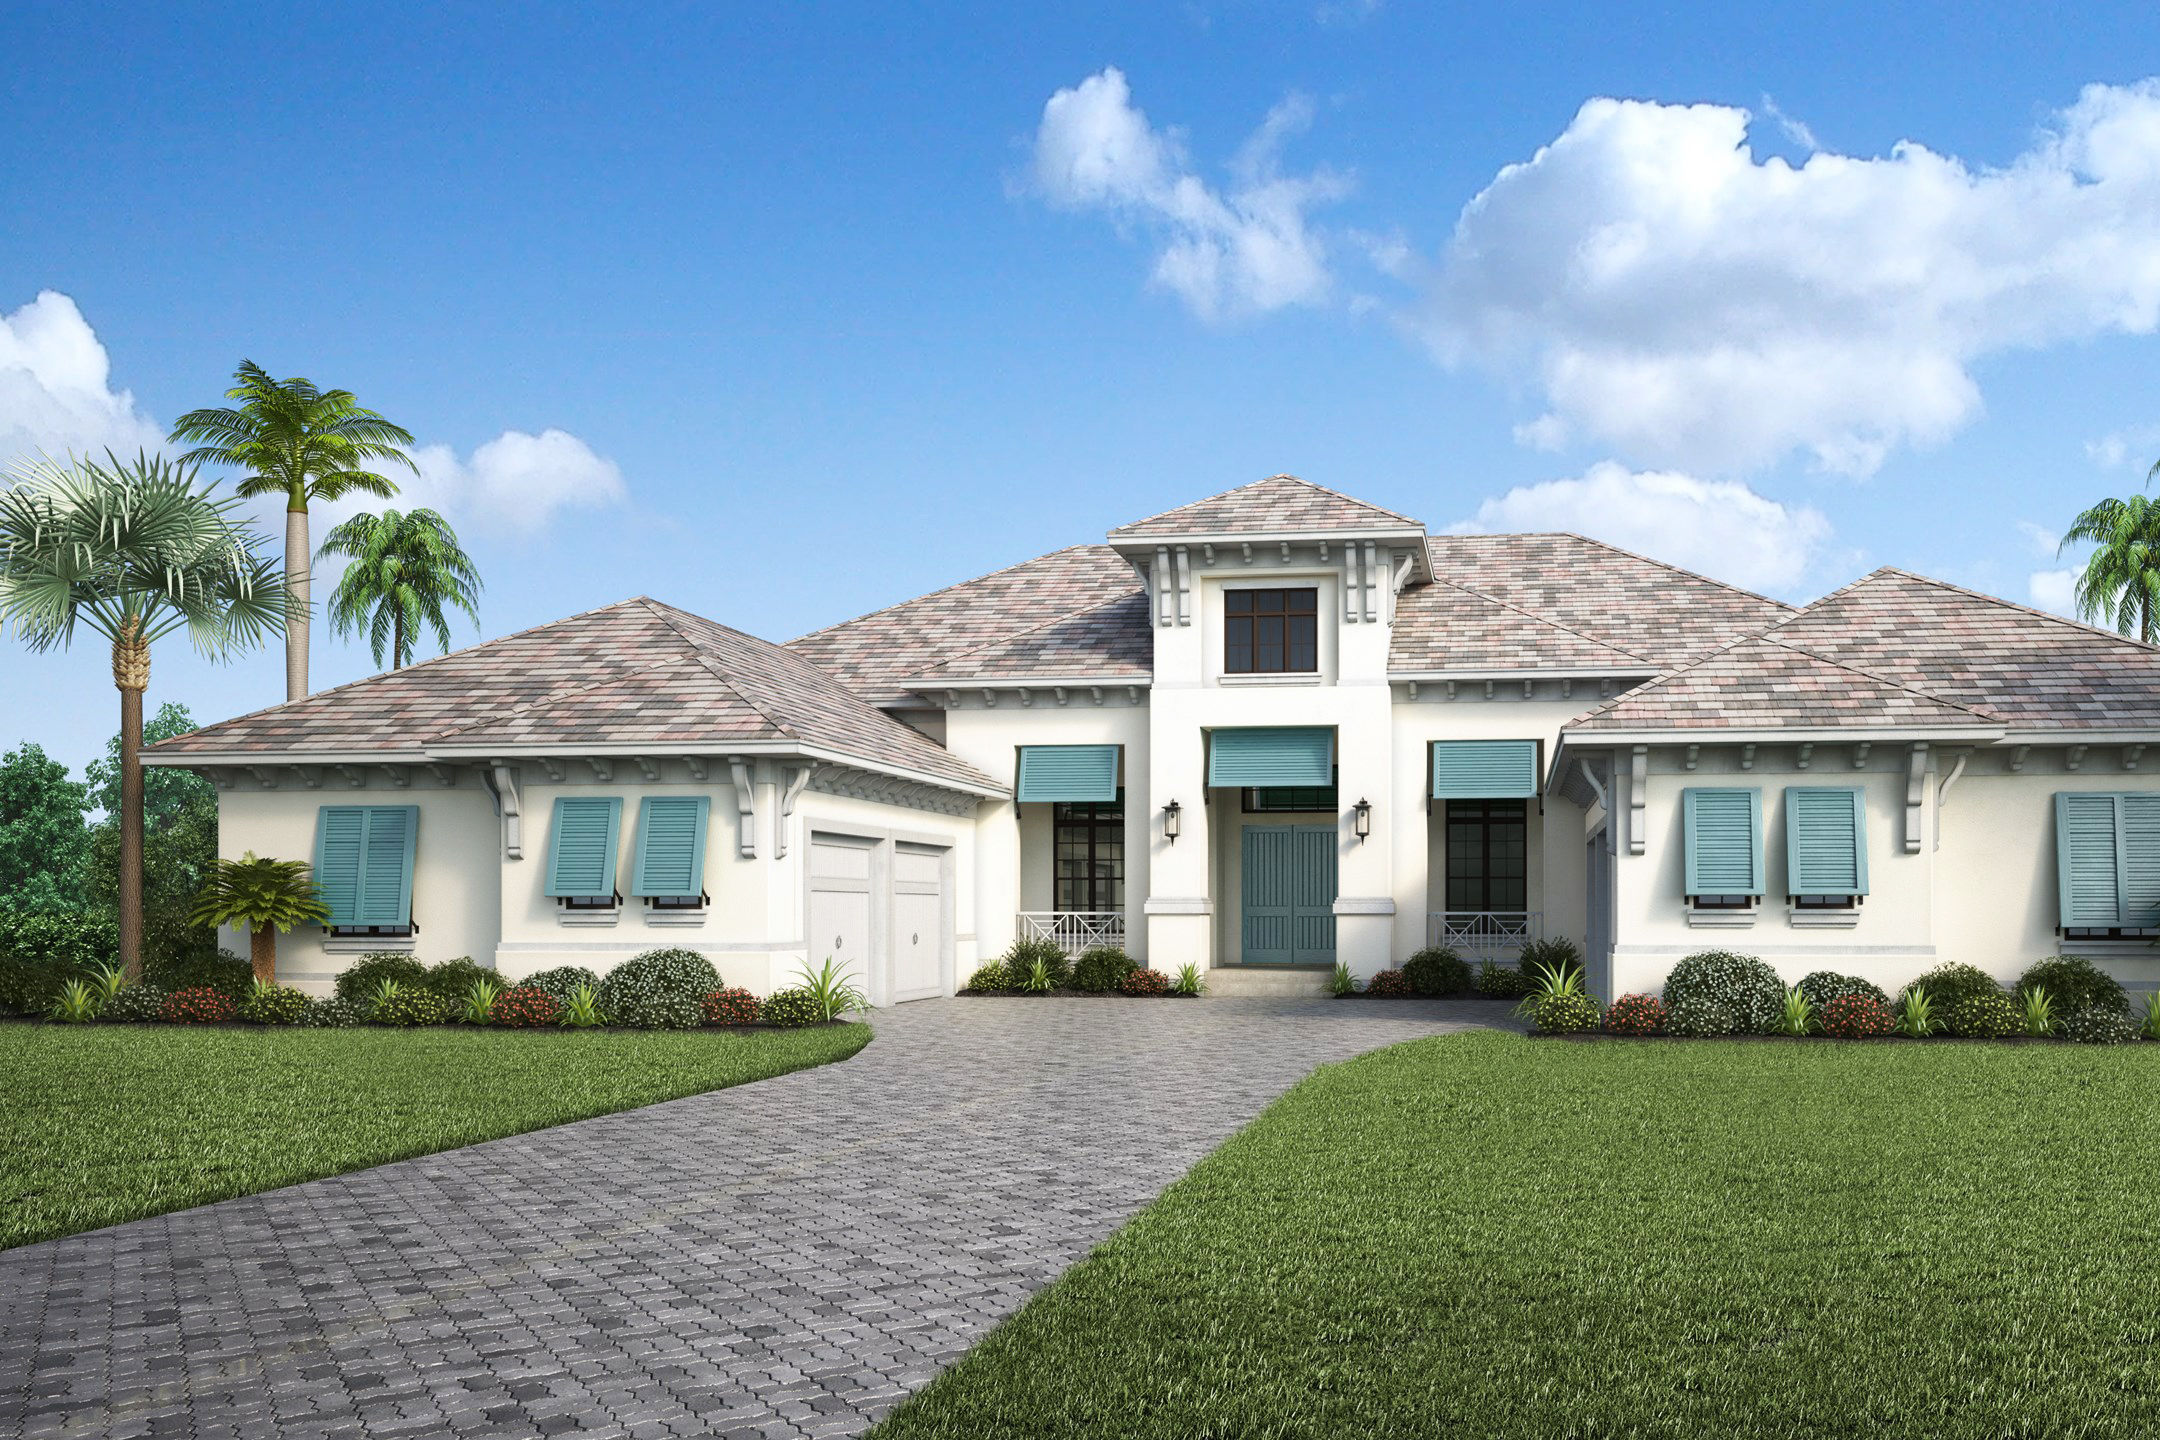 Stock signature homes clairborne ii c7x8hc